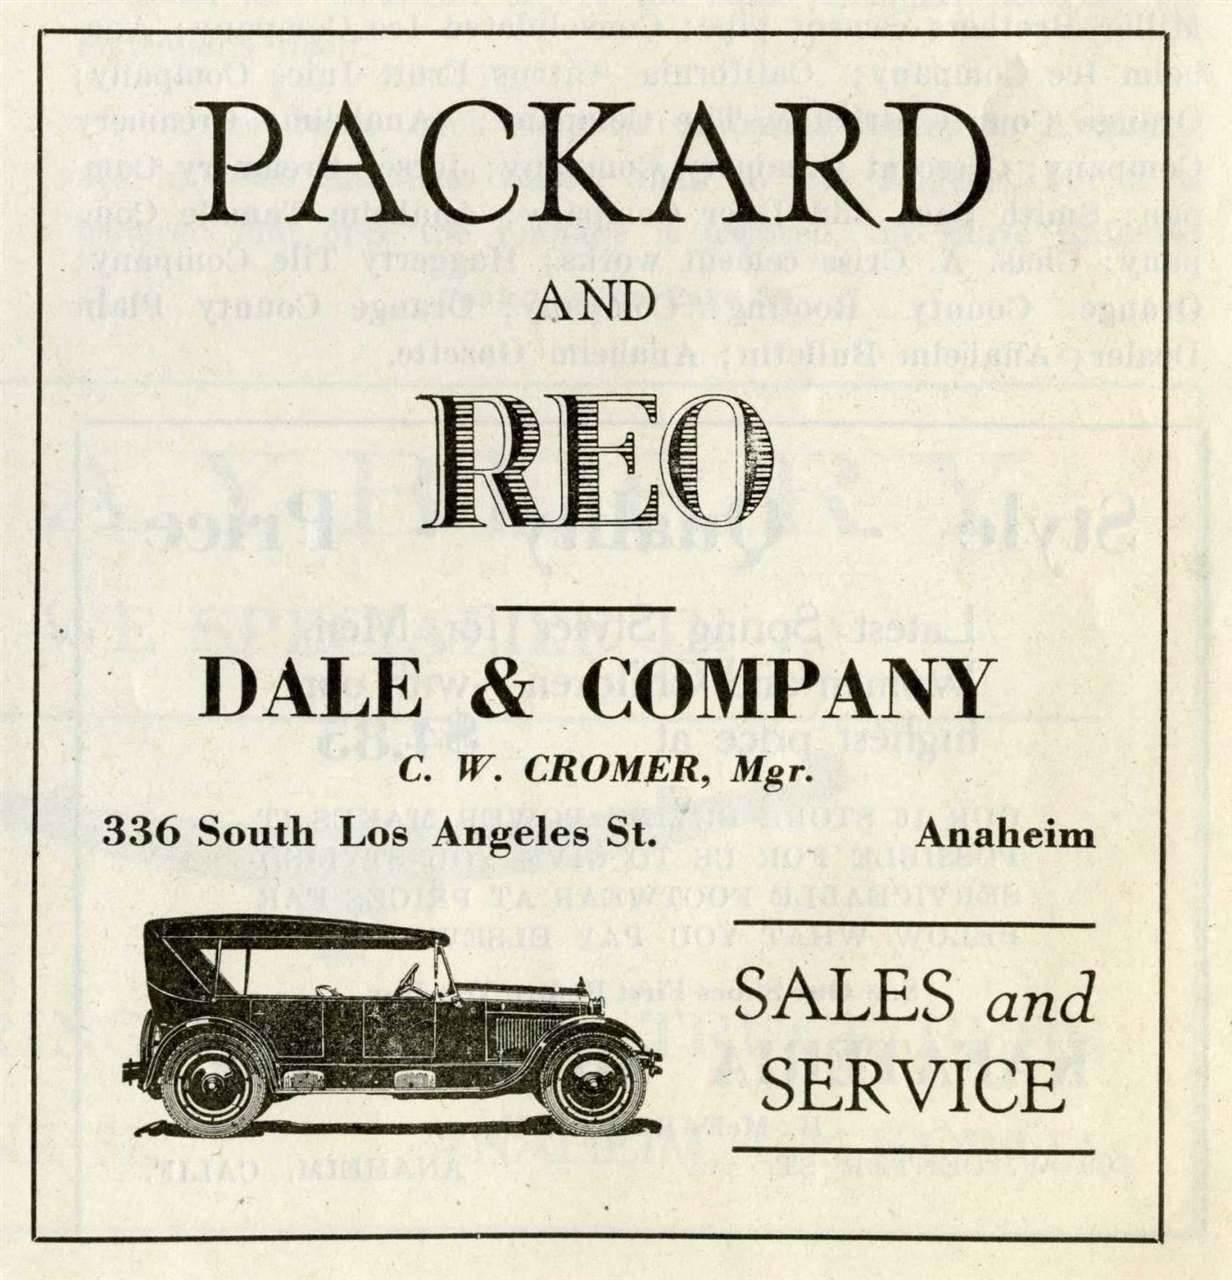 1923 PACKARD ADVERT-B&W